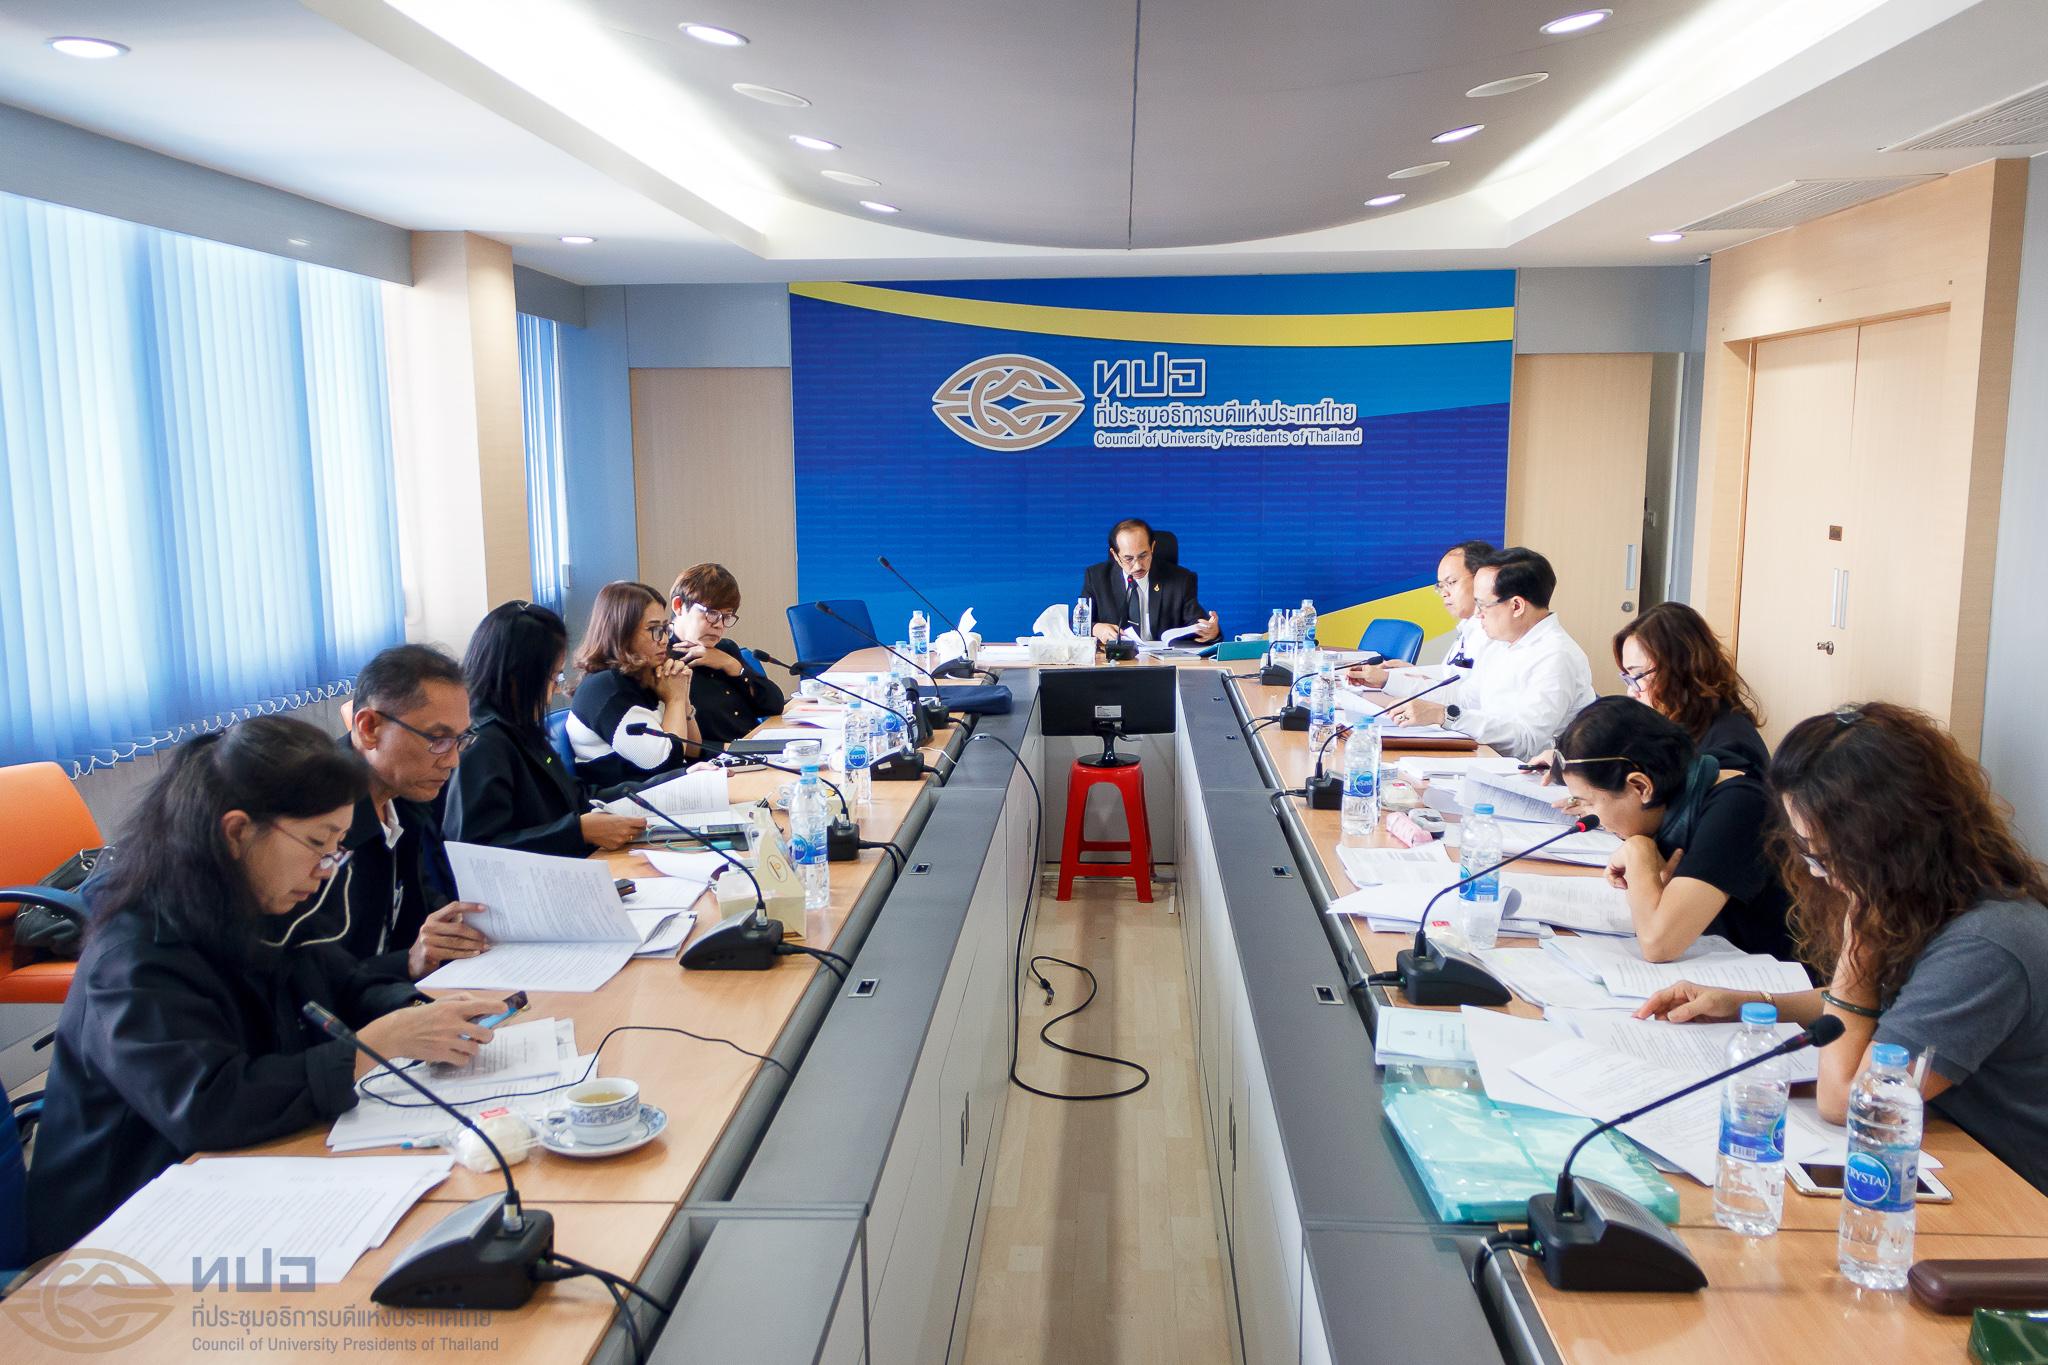 การประชุมคณะทำงานพิจารณาแนวทางการดำเนินงานตามพระราชบัญญัติการจัดซื้อจัดจ้างและการบริหารพัสดุภาครัฐ พ.ศ…  ครั้งที่ 5/2560